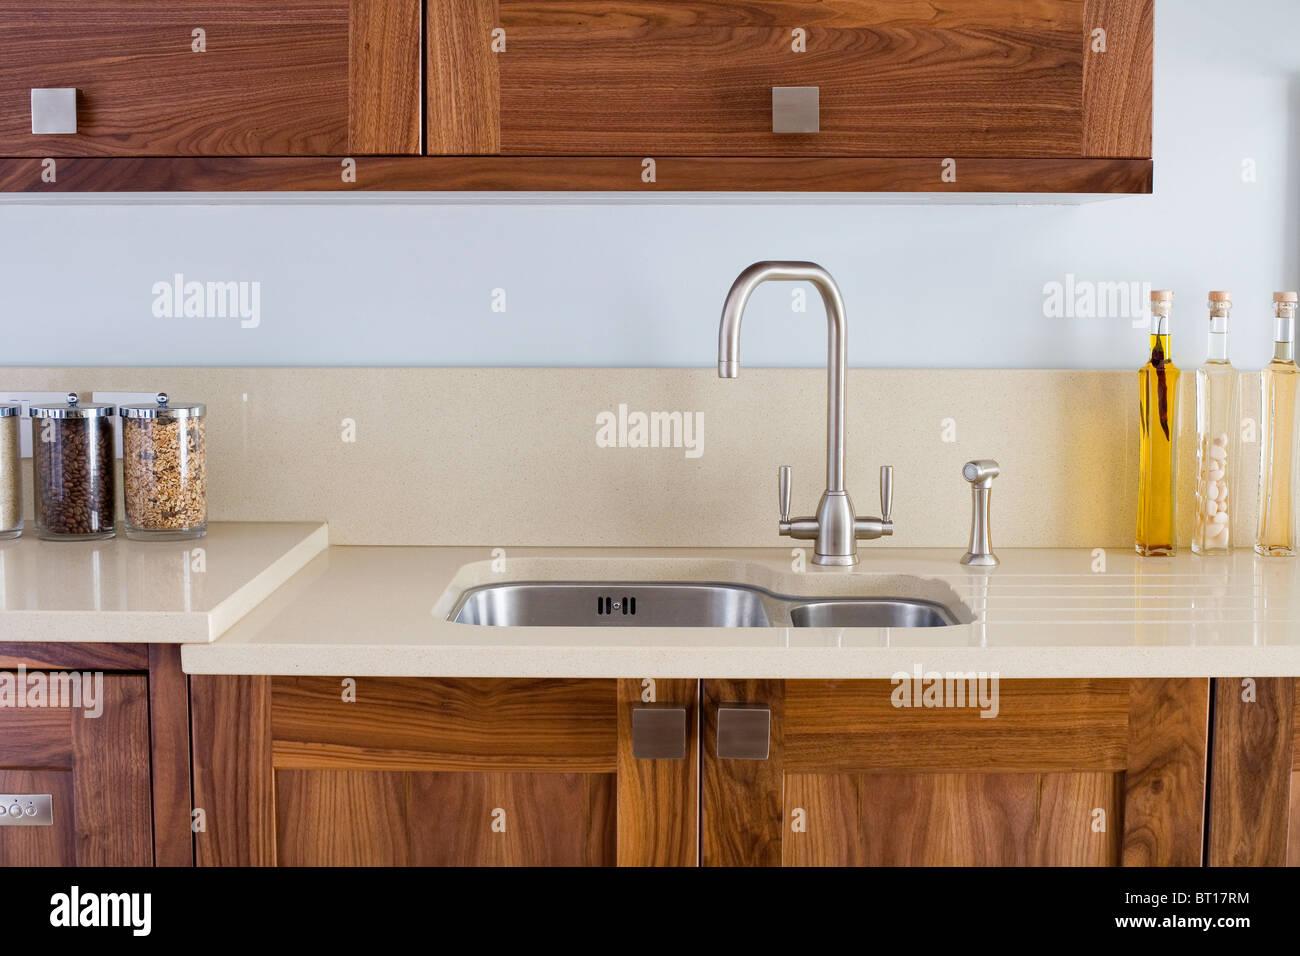 Fantastisch Chrom Mischer Tippen Und Unter Set Edelstahl Waschbecken In Modernen Küche  Mit Corian Arbeitsplatten Auf Dunklem Holz Einheiten